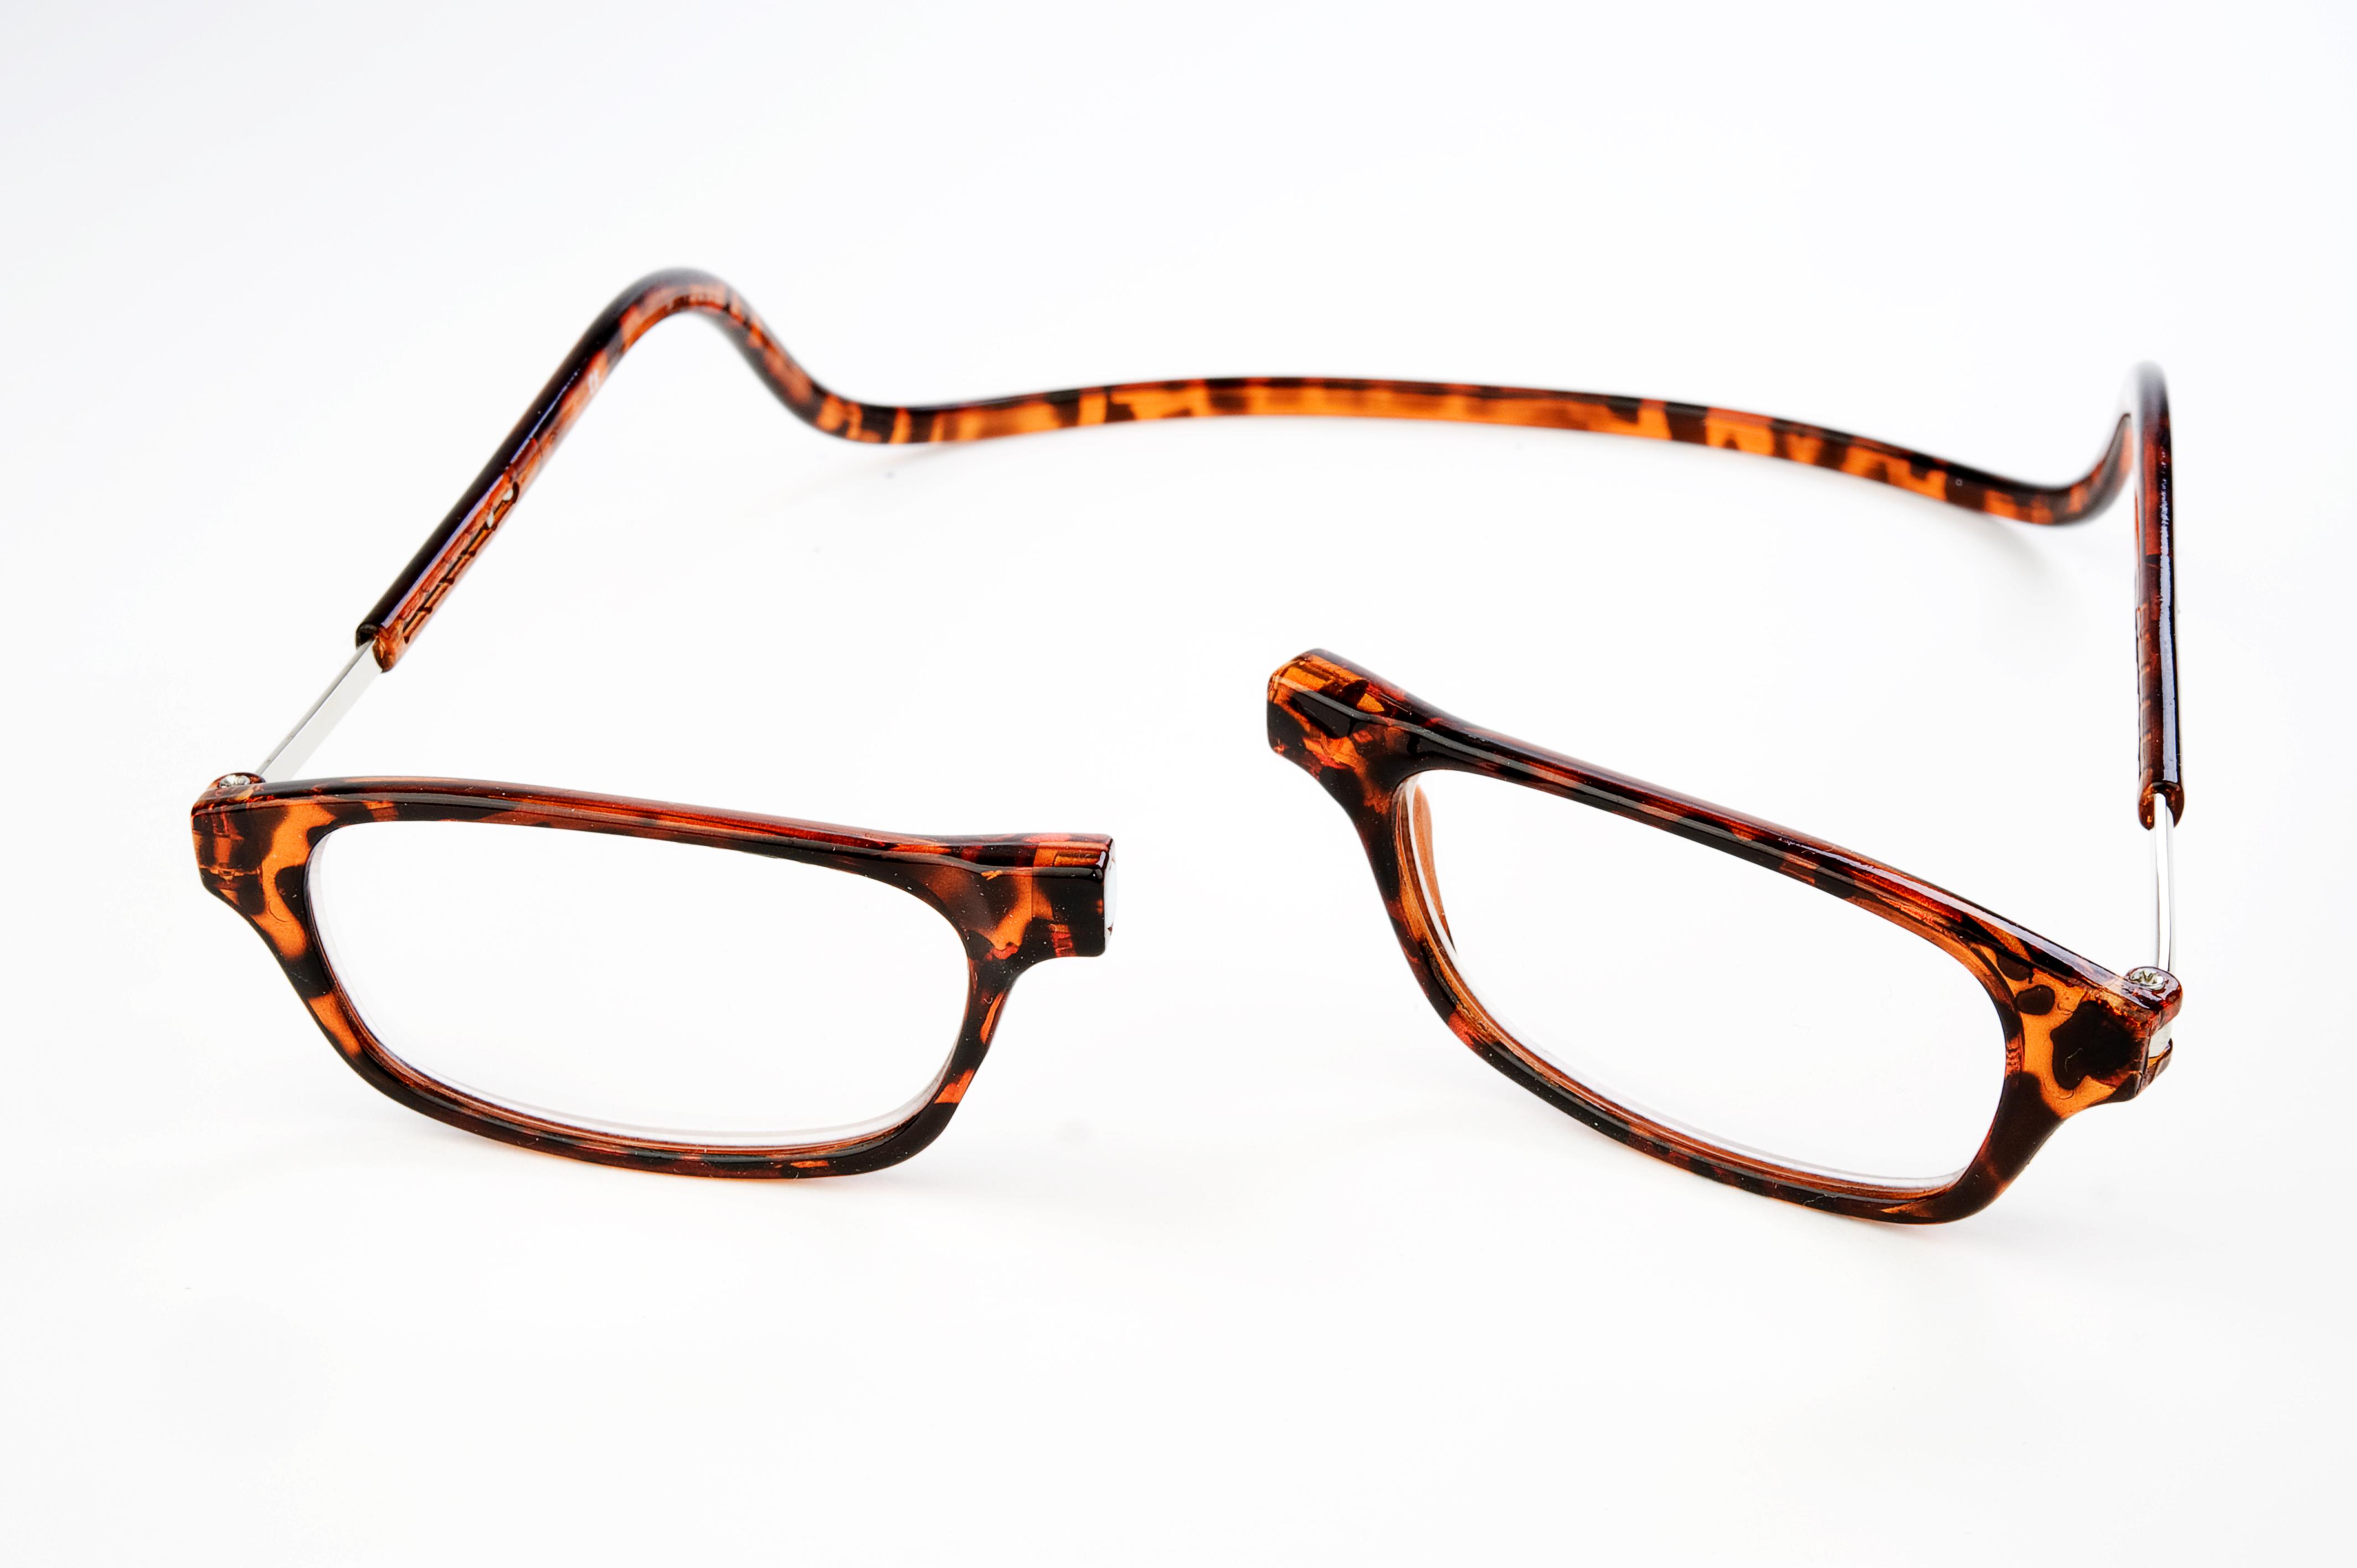 6fbda8f77678c0 magneet leesbril classic XL van Spunx - goedkoop en gratis verzending